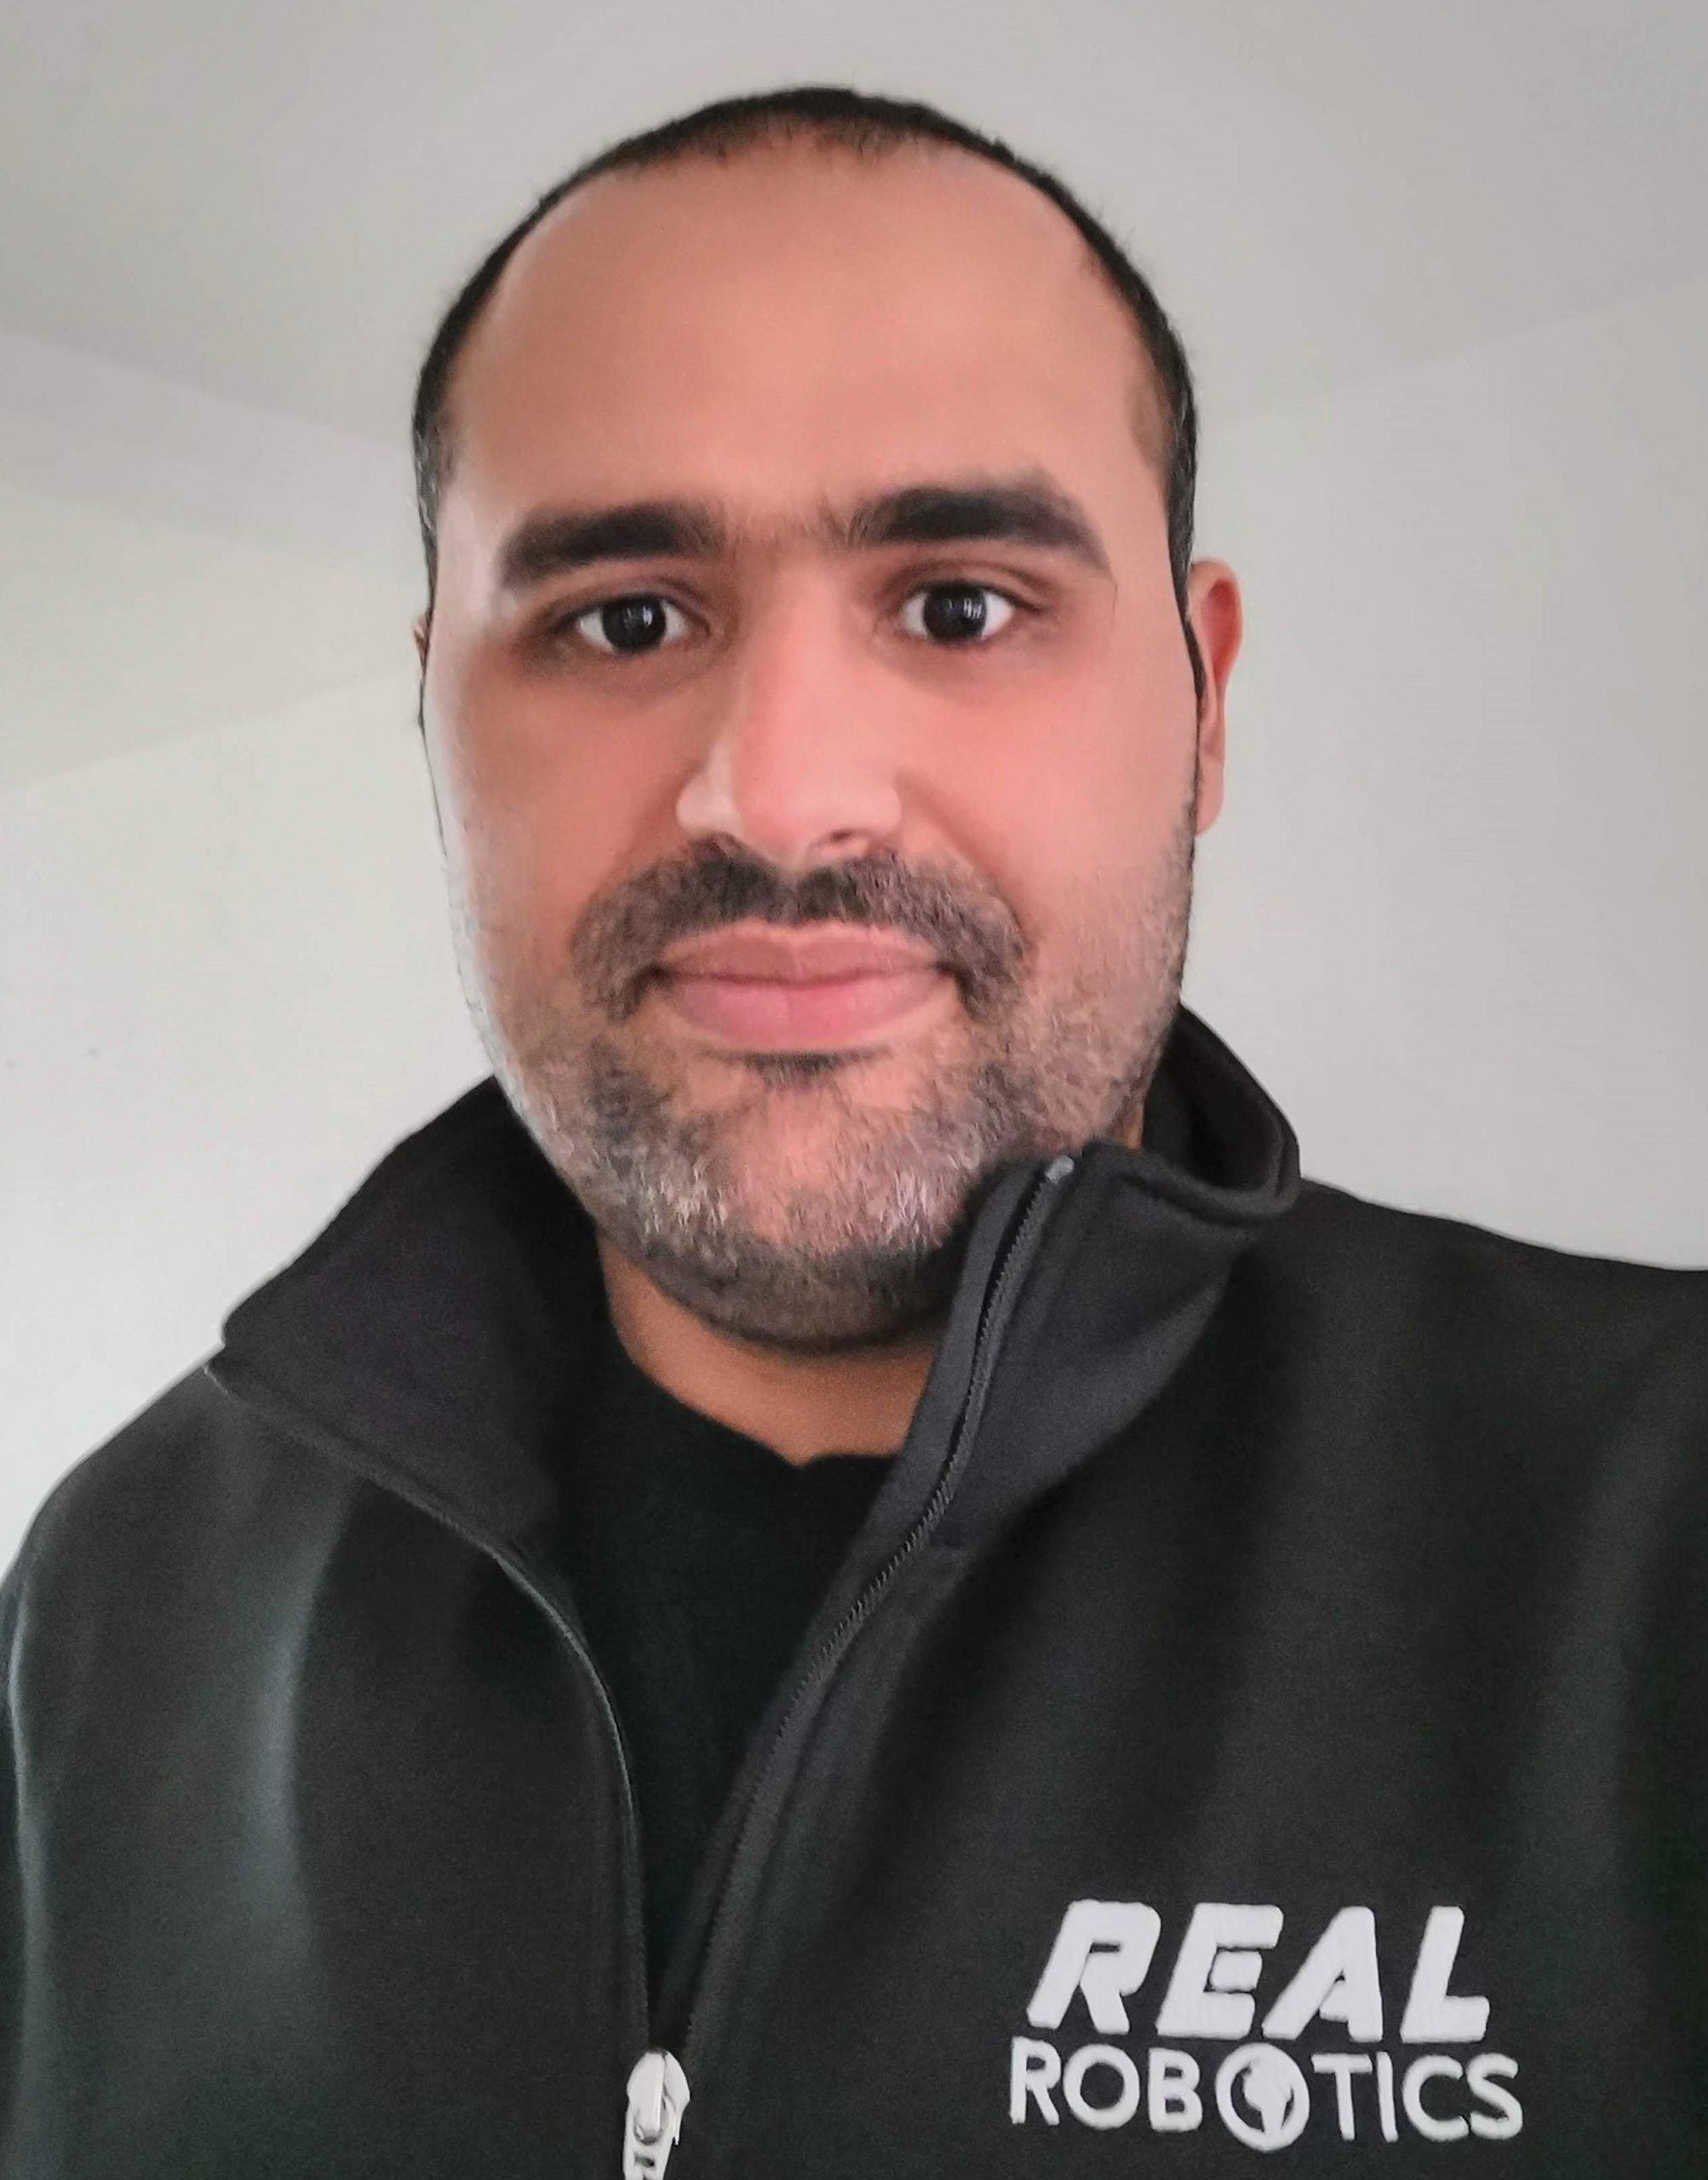 MohammedShaqura